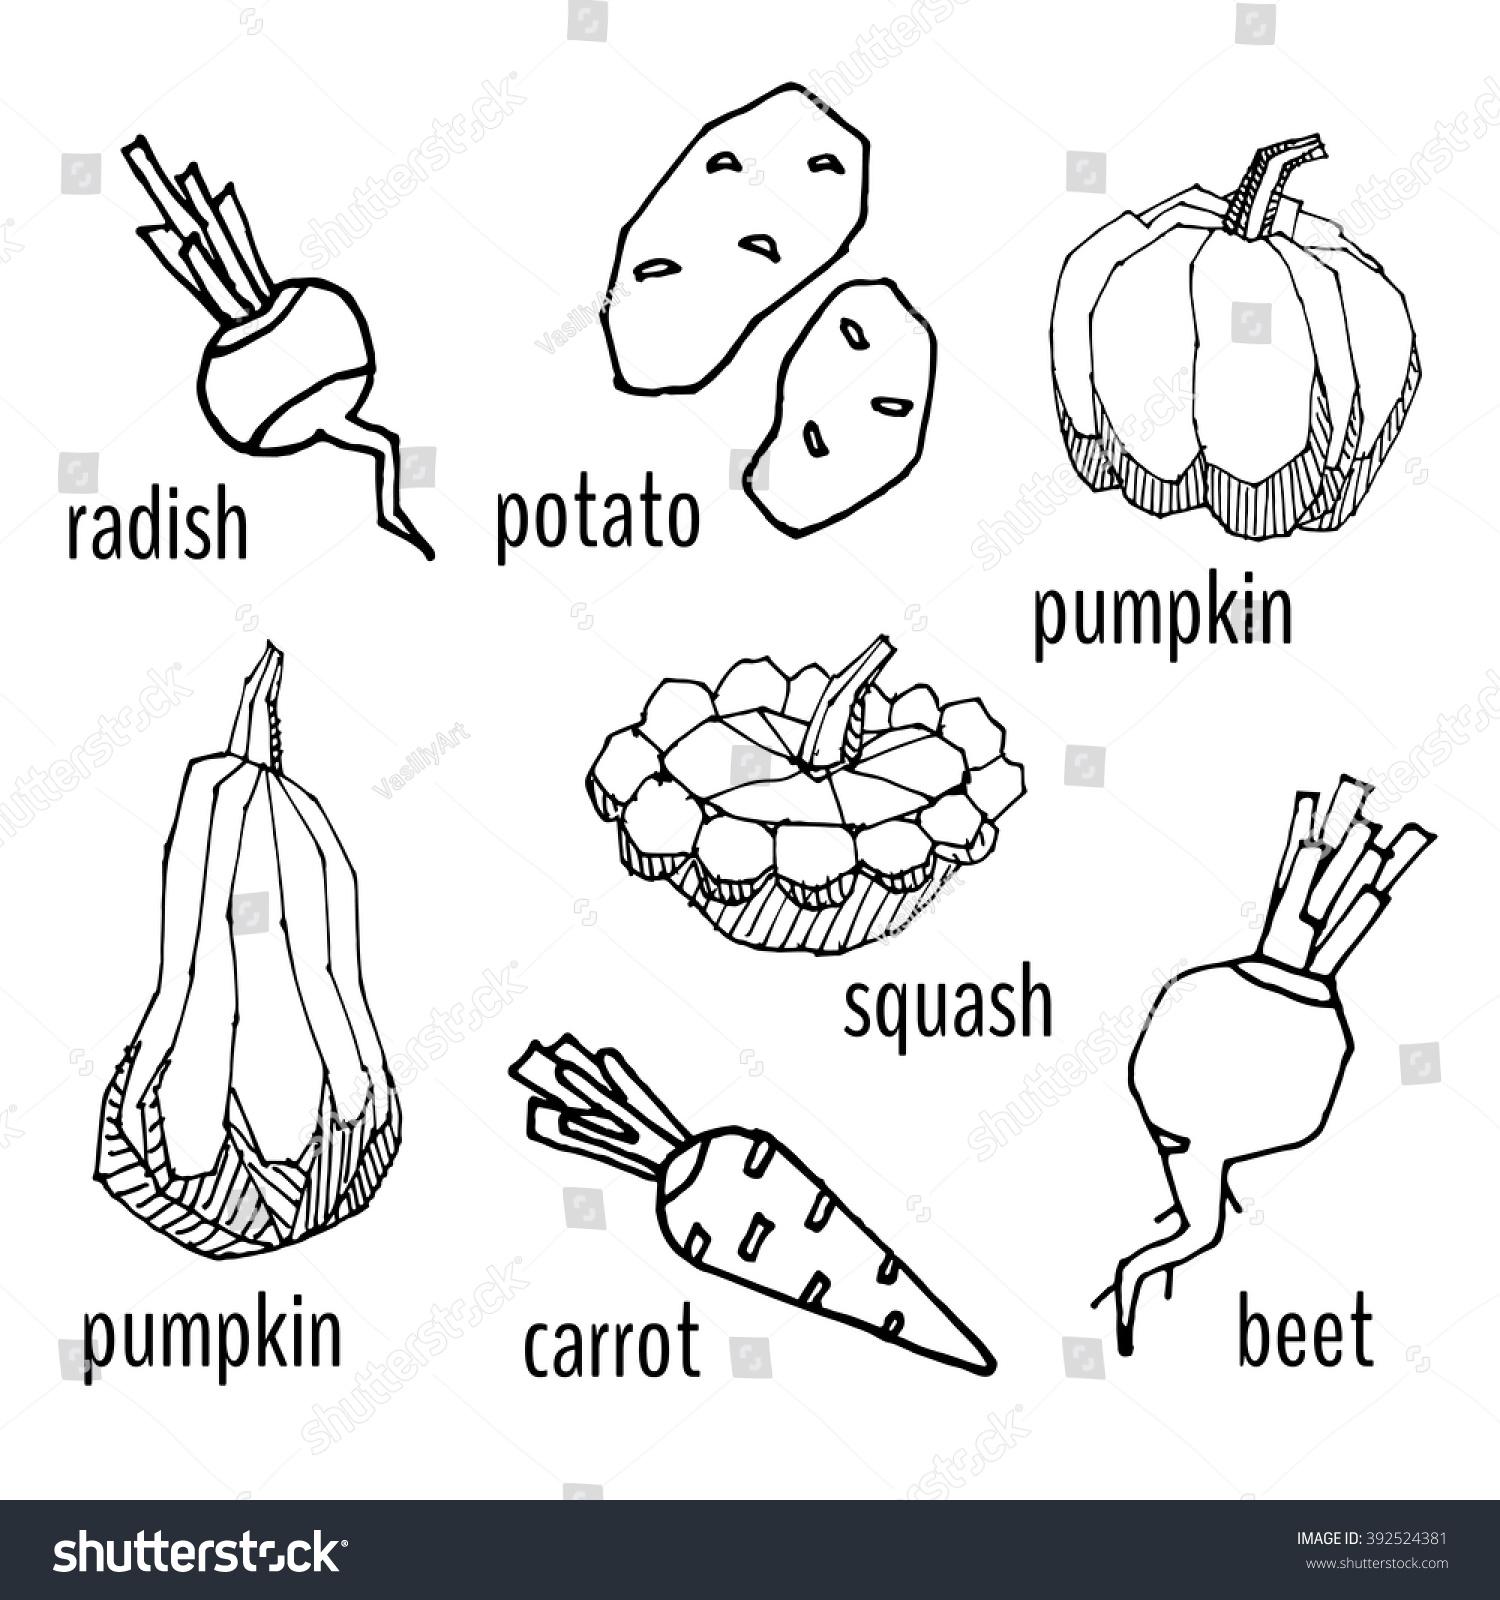 Coloring Book Roots Radish Potato Pumpkin Stock Vector 392524381 ...